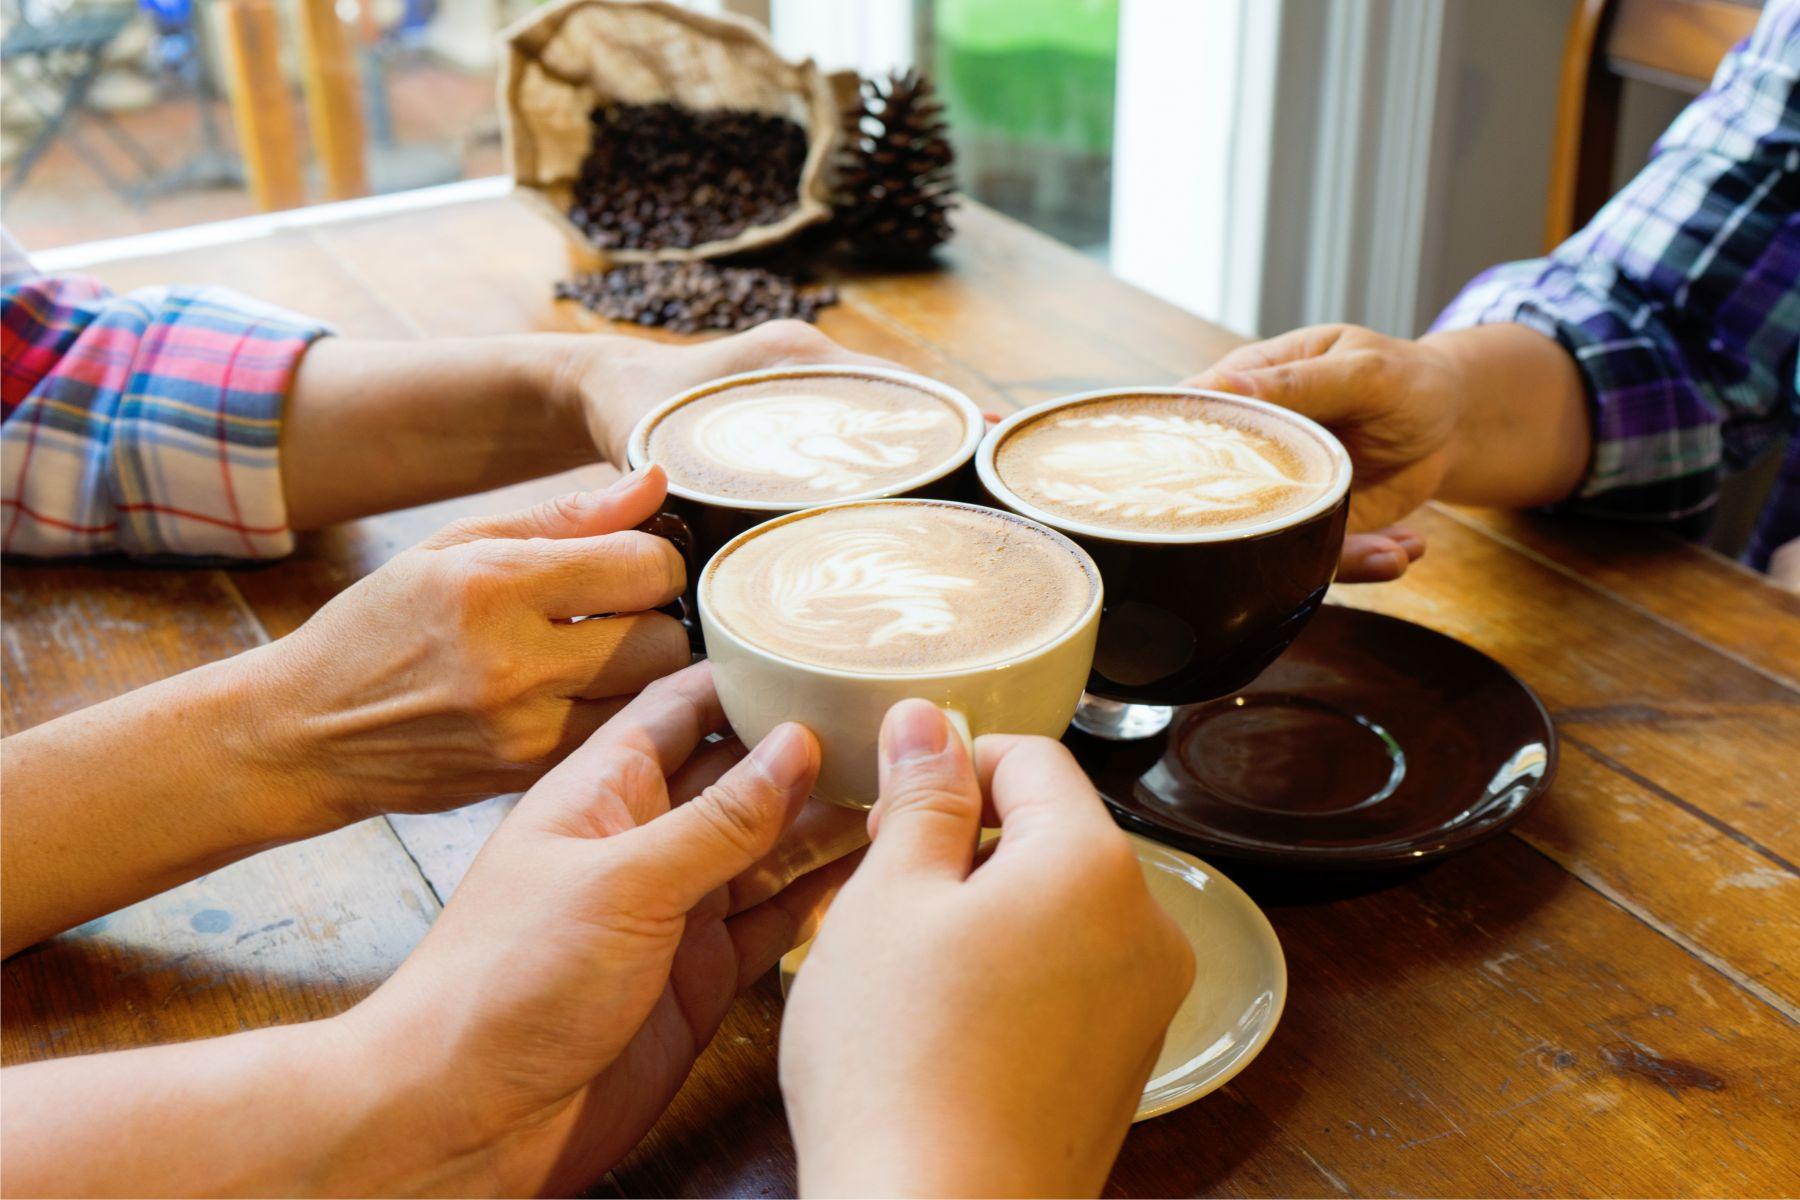 咖啡可以防癌!每天喝「這杯數」攝取足夠抗氧化劑,減少致癌機率!